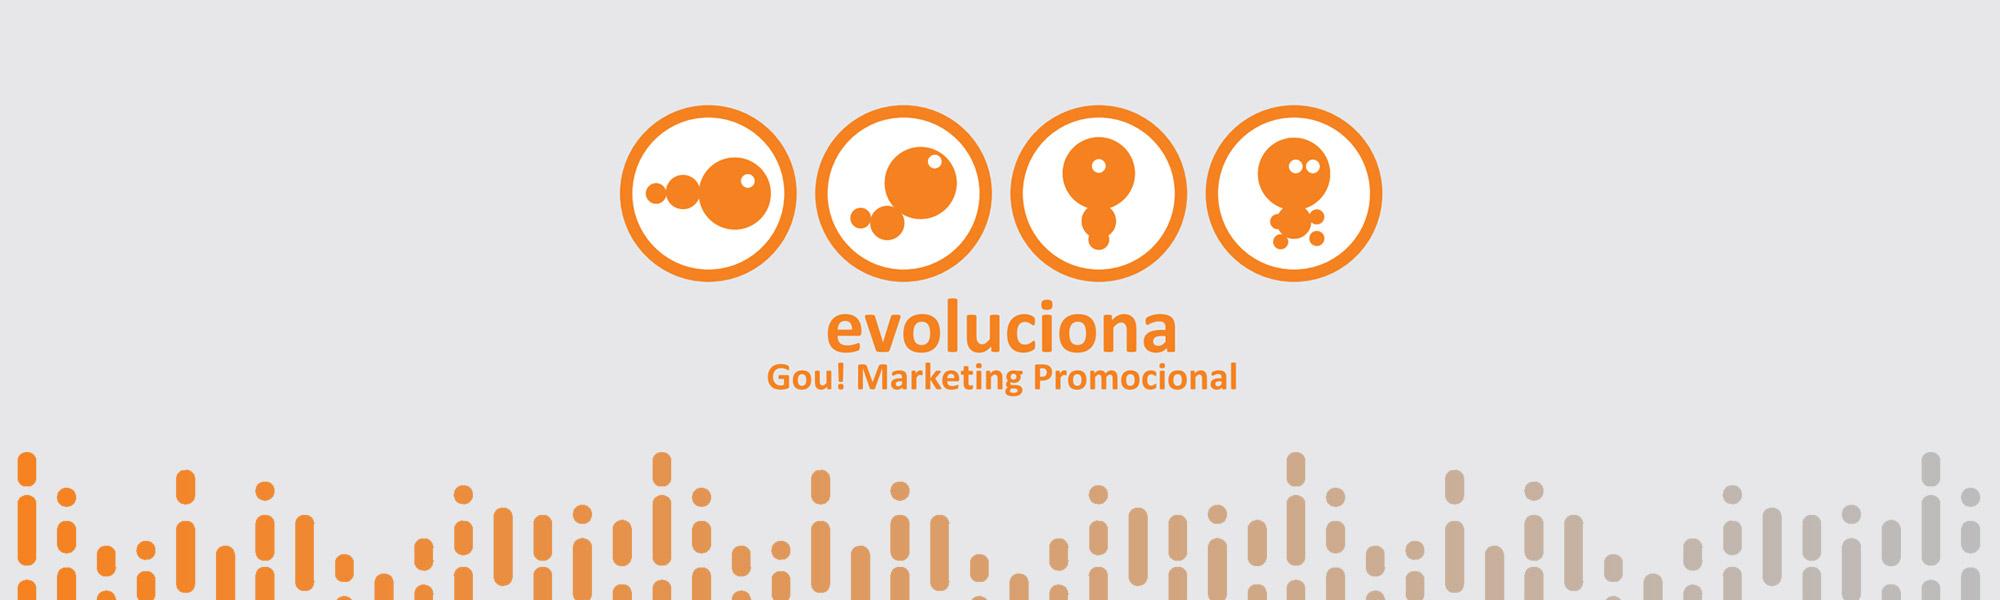 Gou Marketing Promocional, Evoluciona